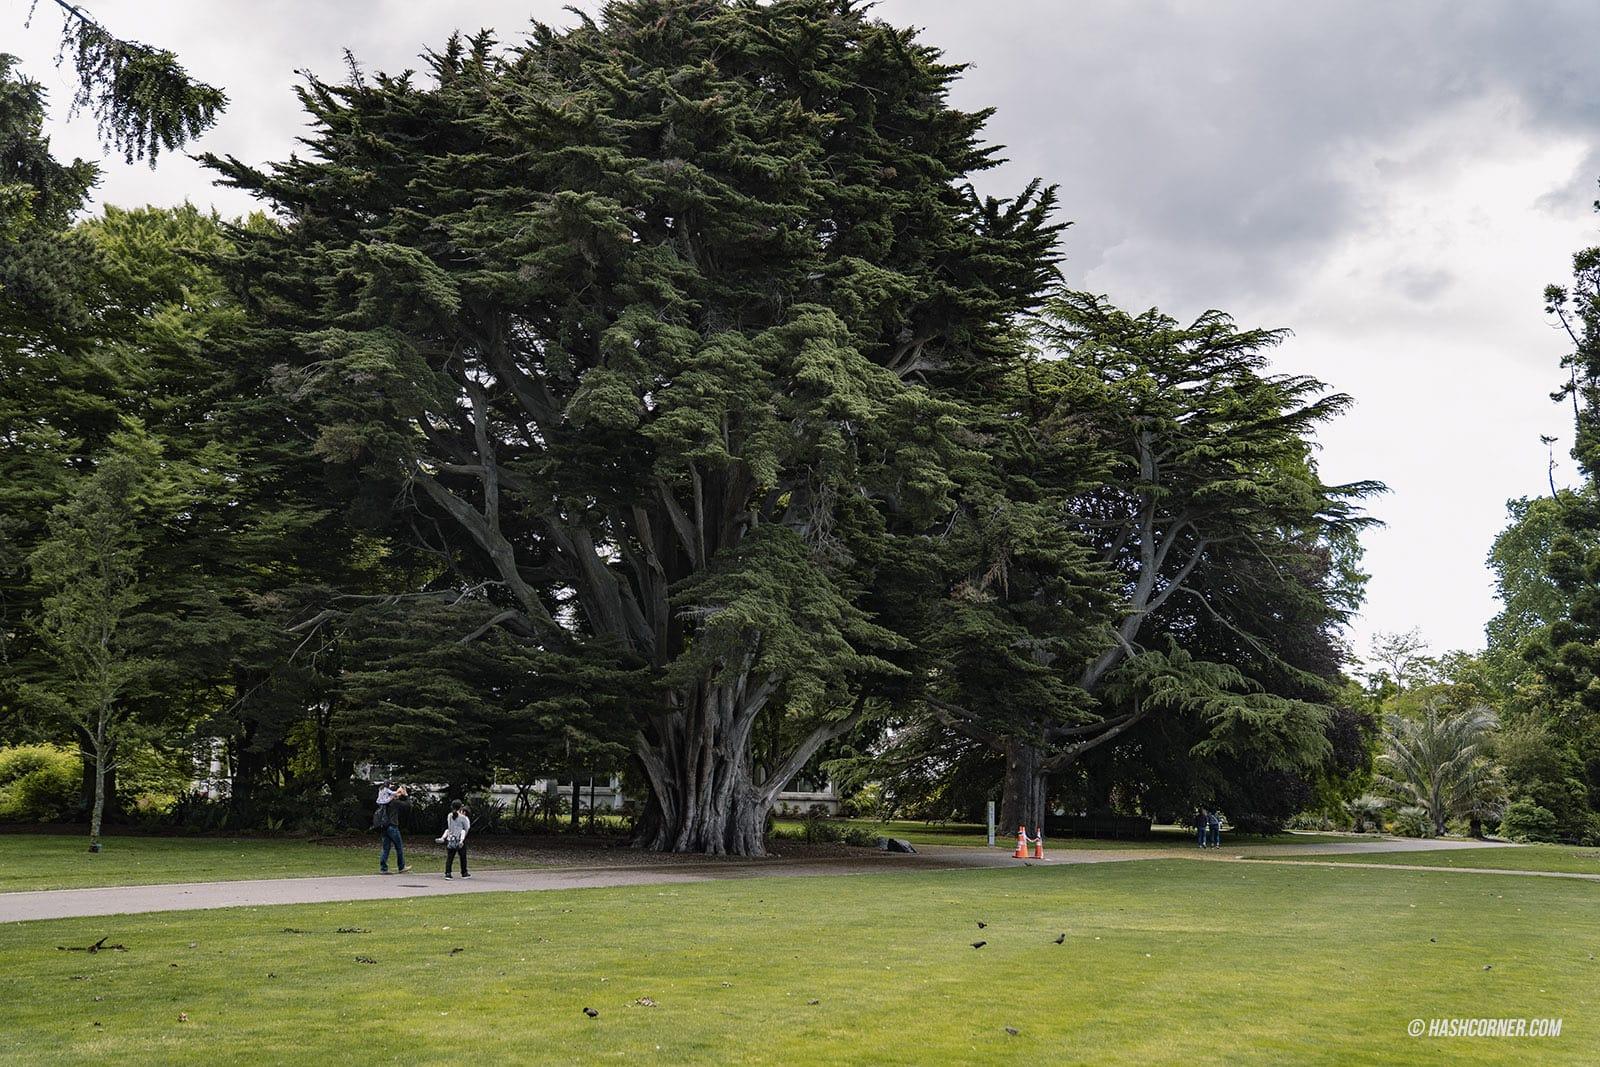 รีวิว ไครสต์เชิร์ช (Christchurch) x นิวซีแลนด์ เกาะใต้